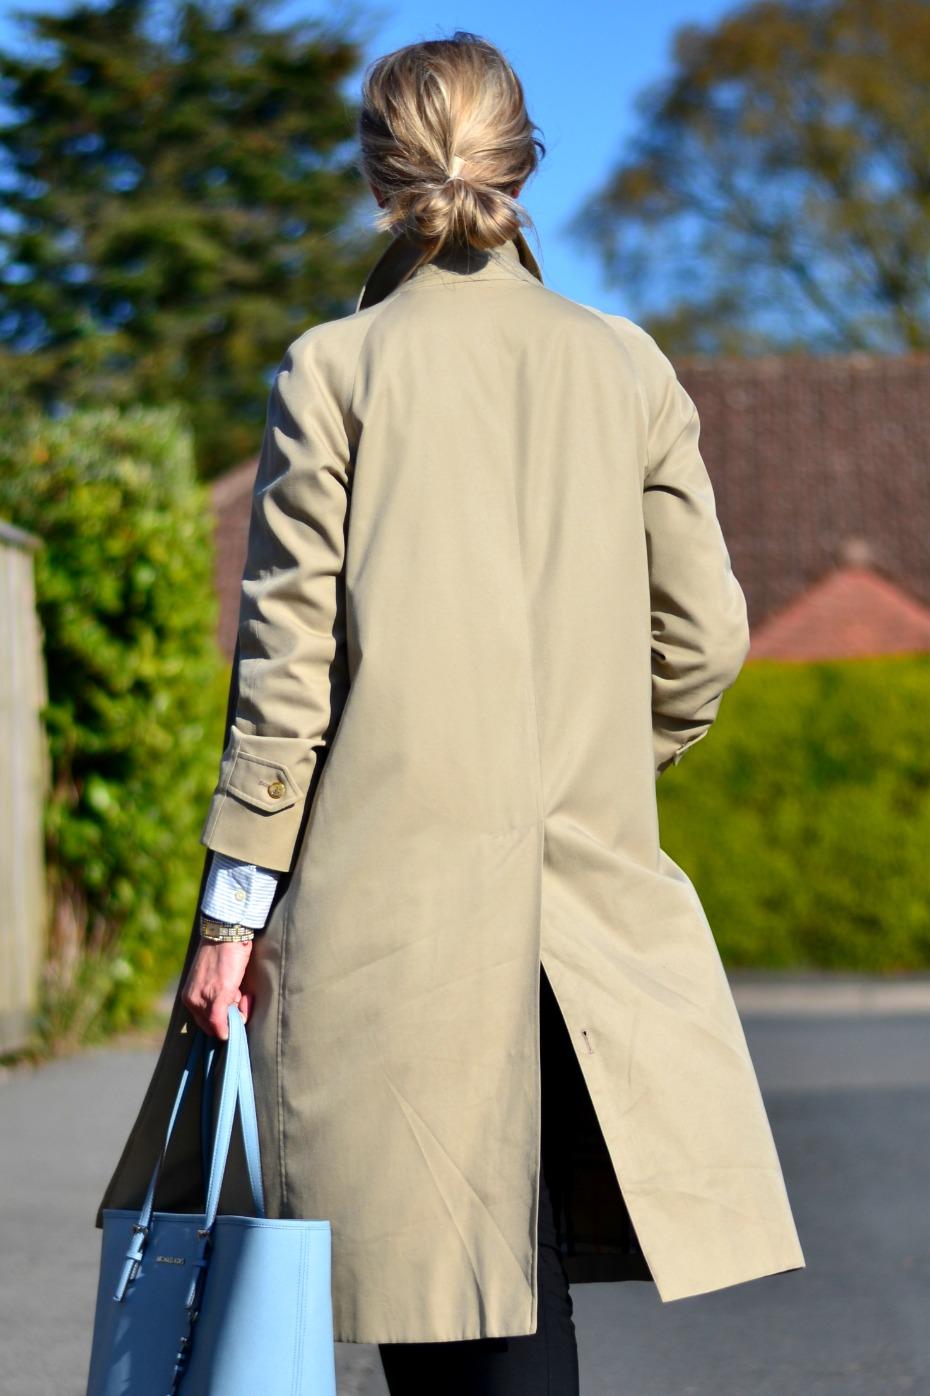 burberry_trench_coat_kenzo_espadrilles_rayban_ralph_lauren_michael_kors1